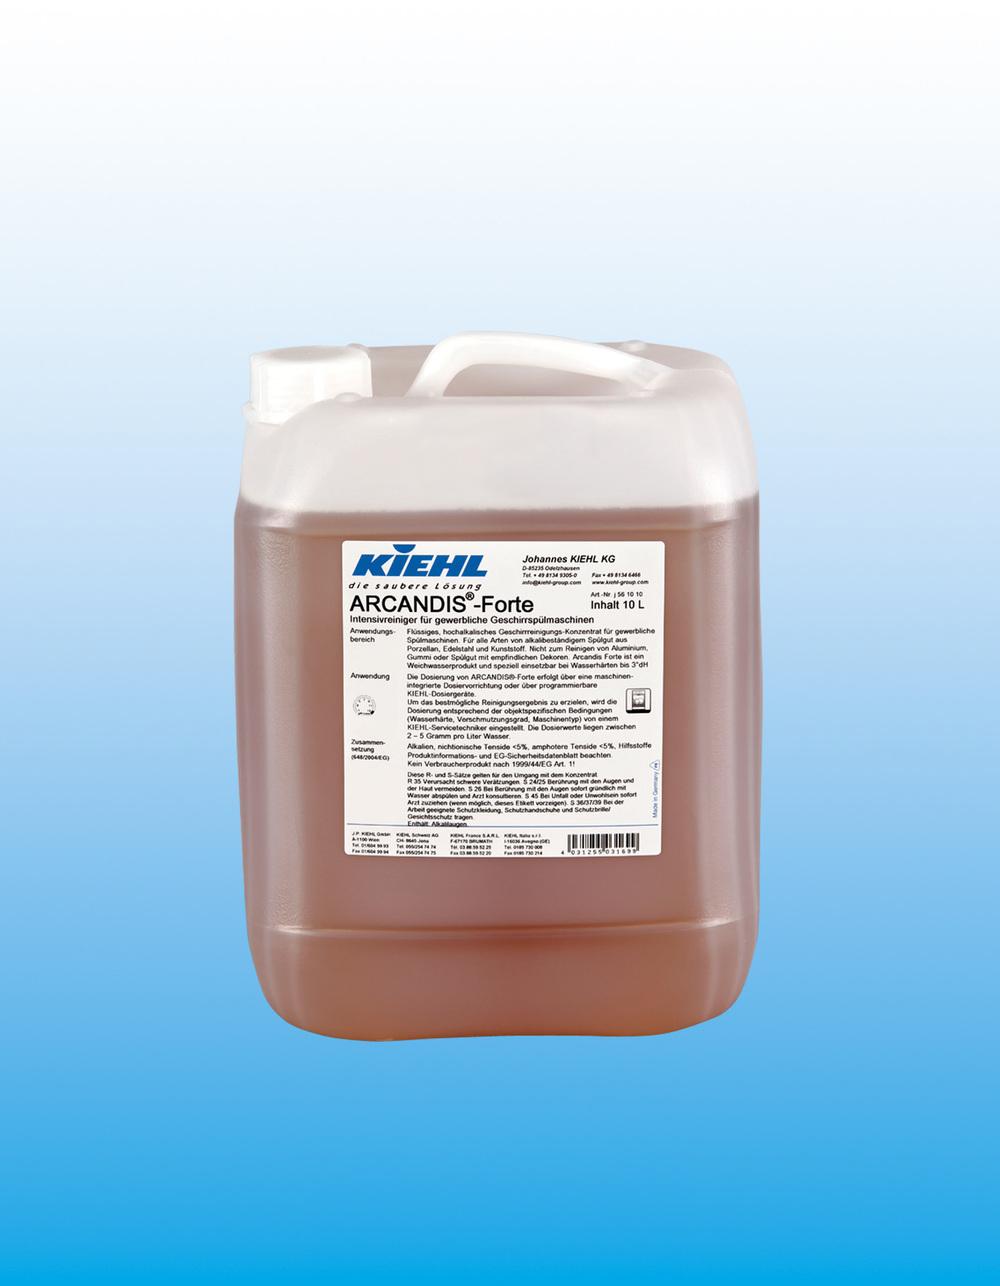 Arcandis Forte - Kraftig maskin-oppvaskSterkt alkalisk, konsentrert oppvaskmiddel for profesjonelle oppvask-maskiner. Produktet er fritt for klor og fosfat, har gode rengjøringsegenskaper og fjerner effektivt stivelse og protein.